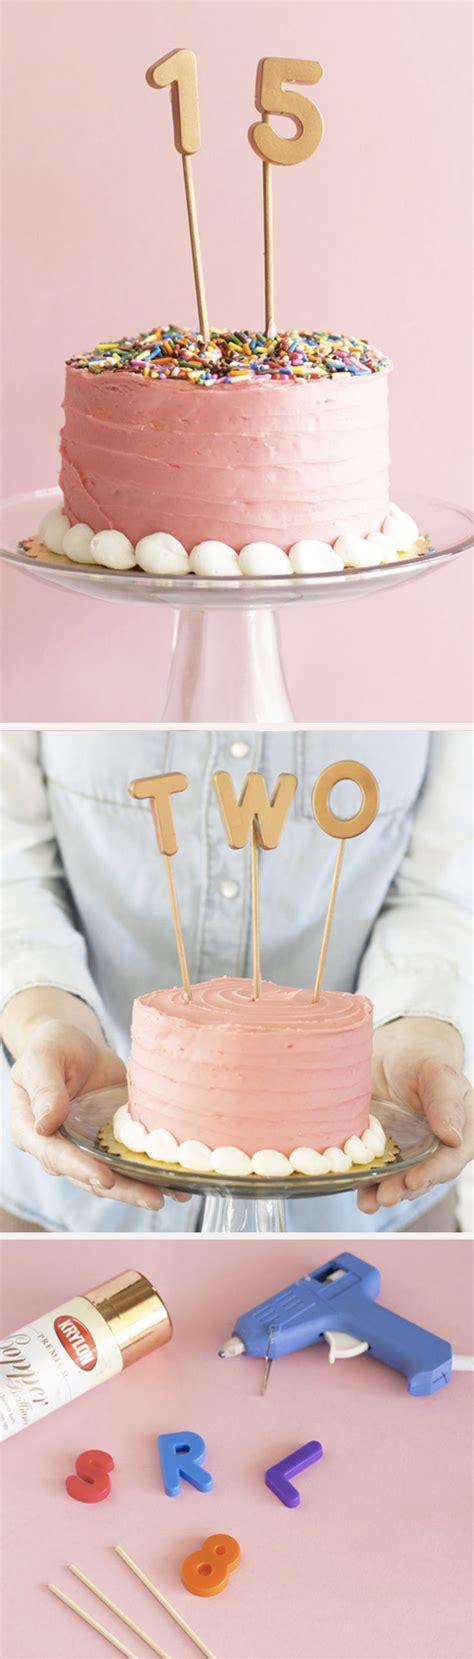 diy cake 168 besten d i y k i d s bilder auf pinterest